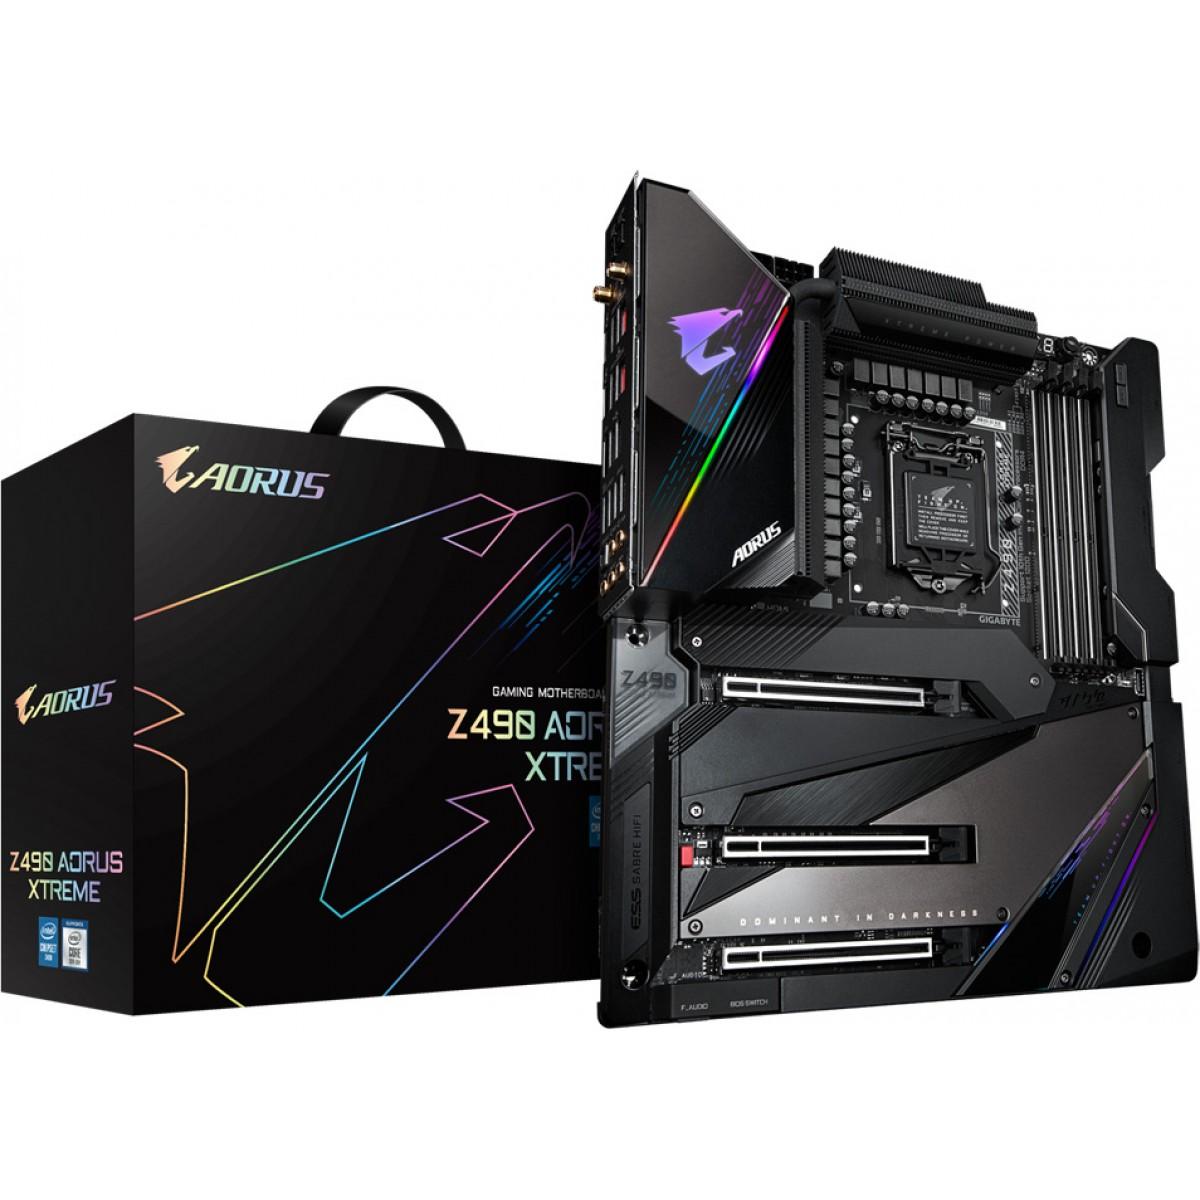 Placa Mãe Gigabyte Z490 Aorus Xtreme, Chipset Z490, Intel LGA 1200, Wi-Fi, E-ATX, DDR4